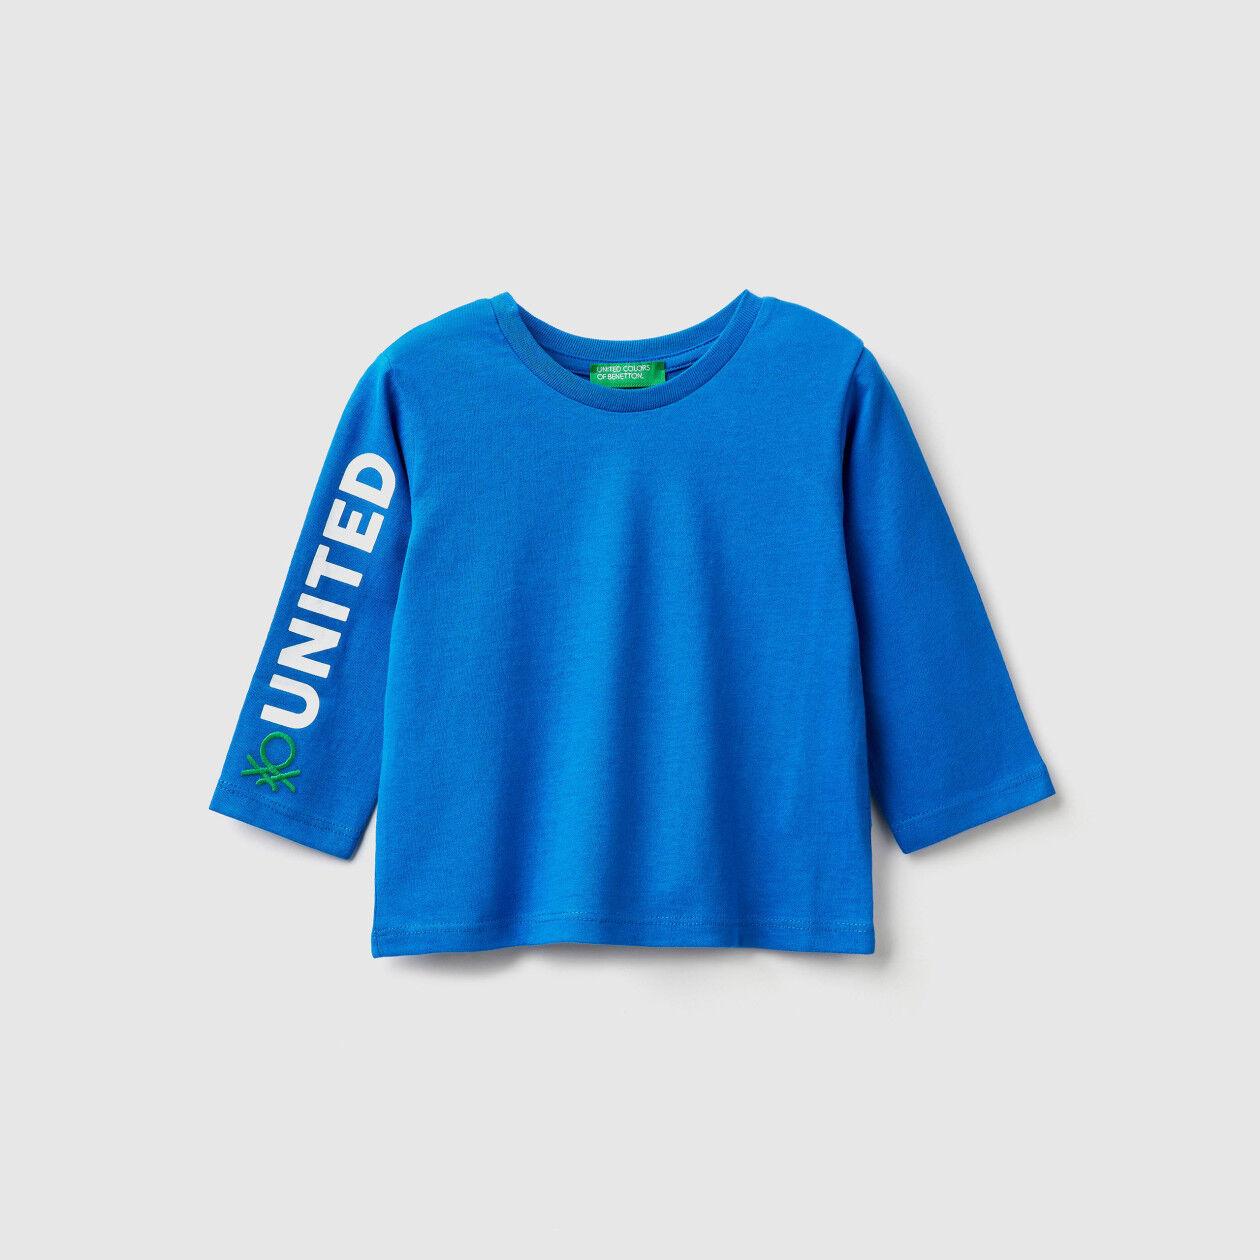 T-shirt in caldo cotone con logo